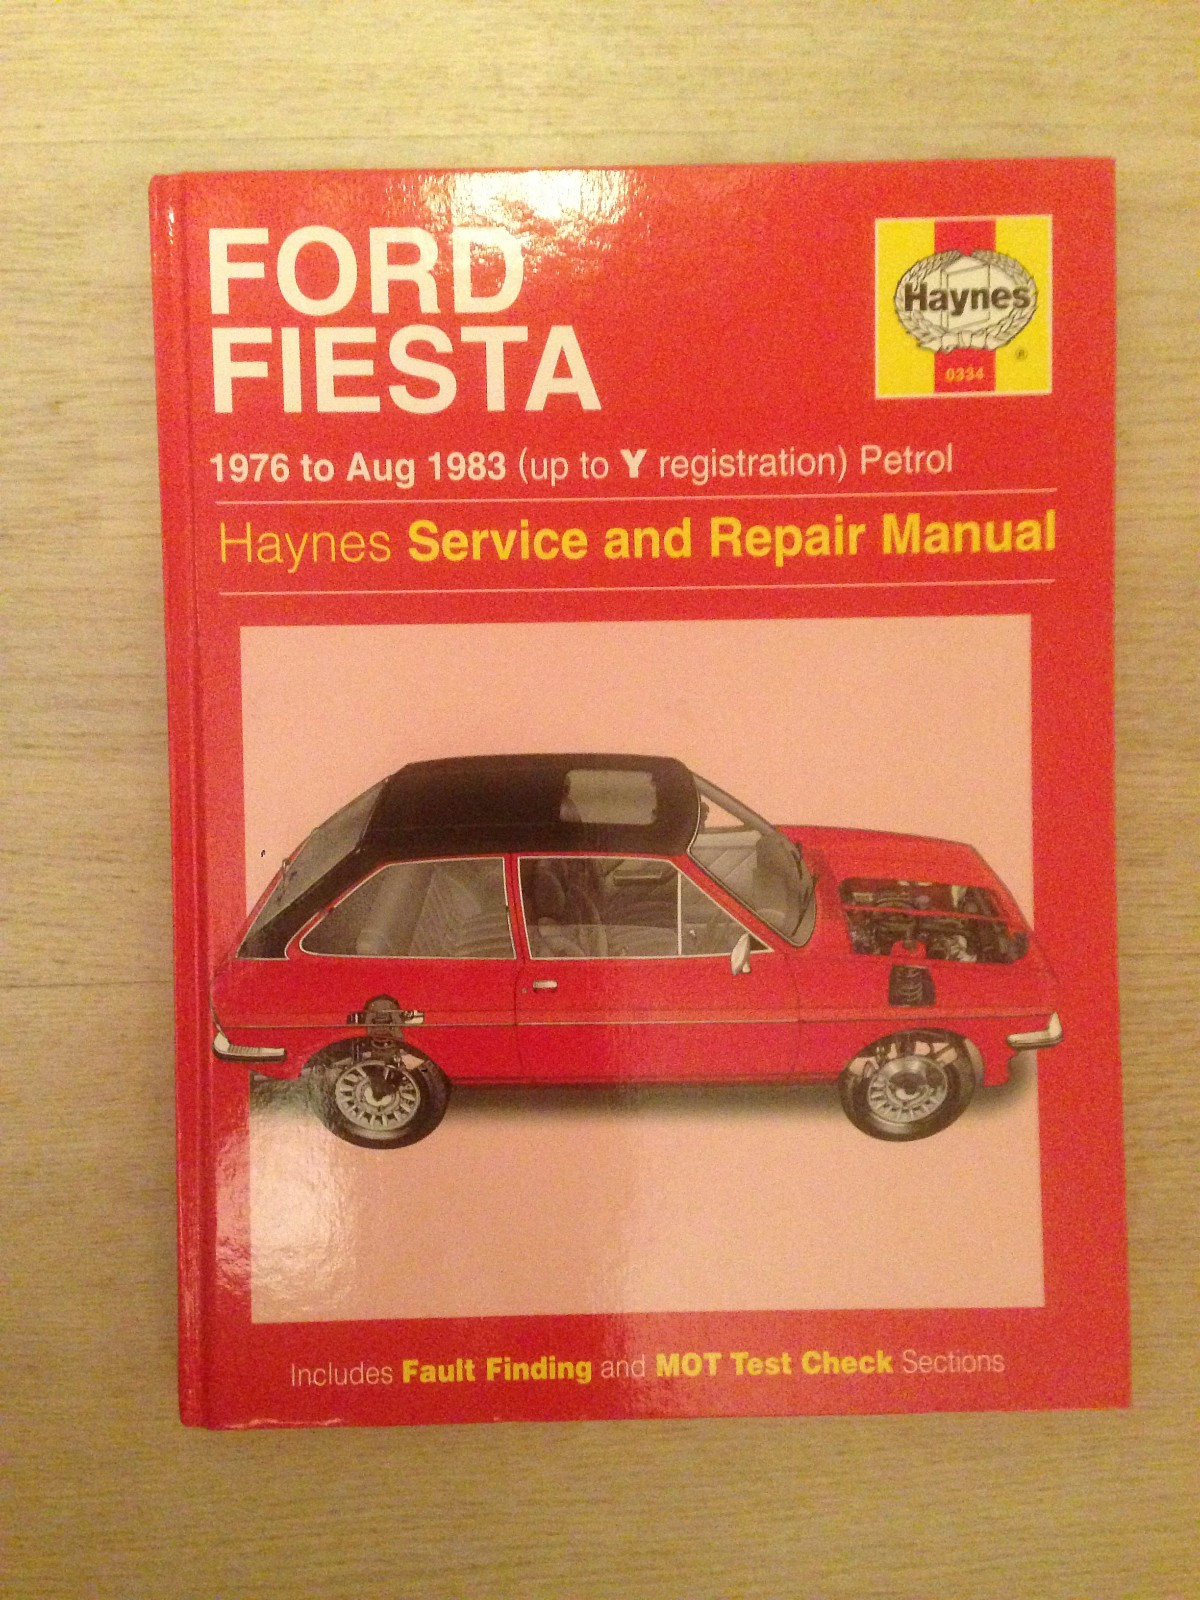 Ford Fiesta 1976-1983 verkstedmanual - Larvik  - Haynes manual til Ford Fiesta 76-83. Engelsk-Norsk teknisk ordbok medfølger. - Larvik